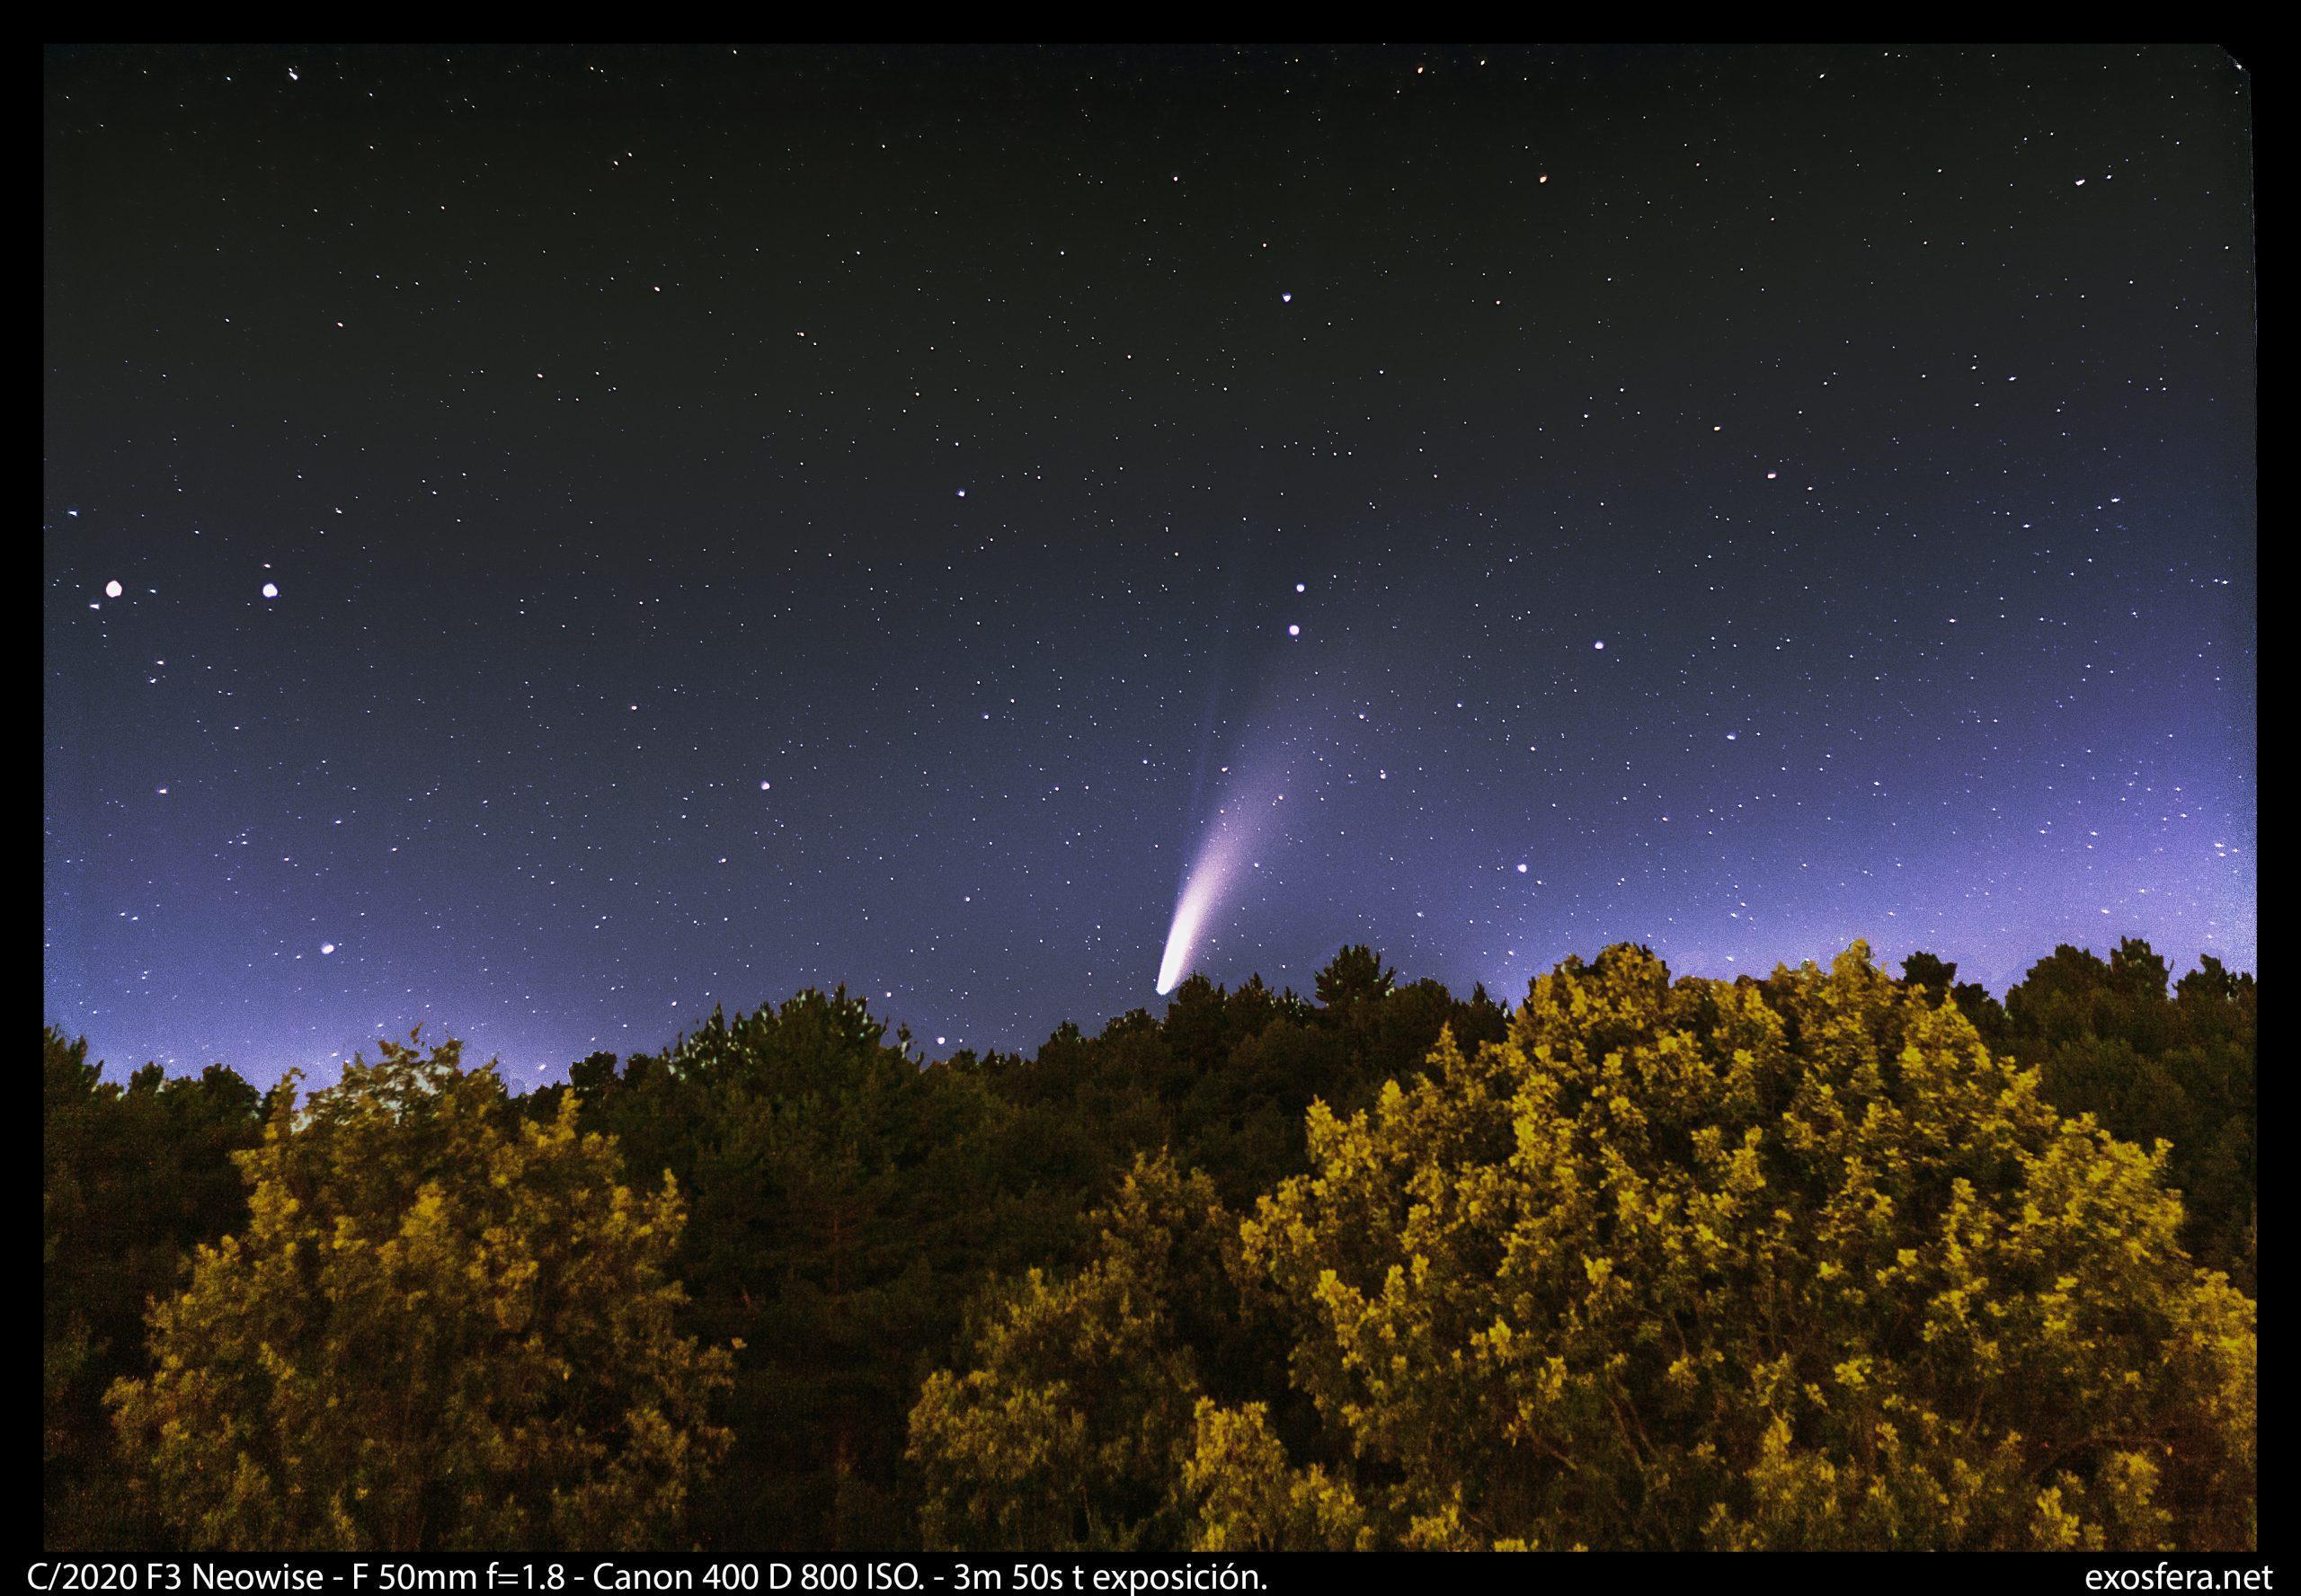 El cometa C/2020 F3 Neowise al anochecer, apreciándose la cola iónica